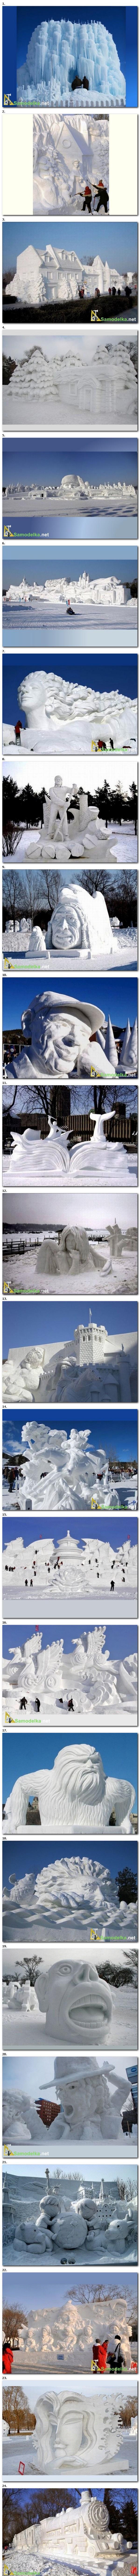 Снежные скульптуры со всего мира - подборка